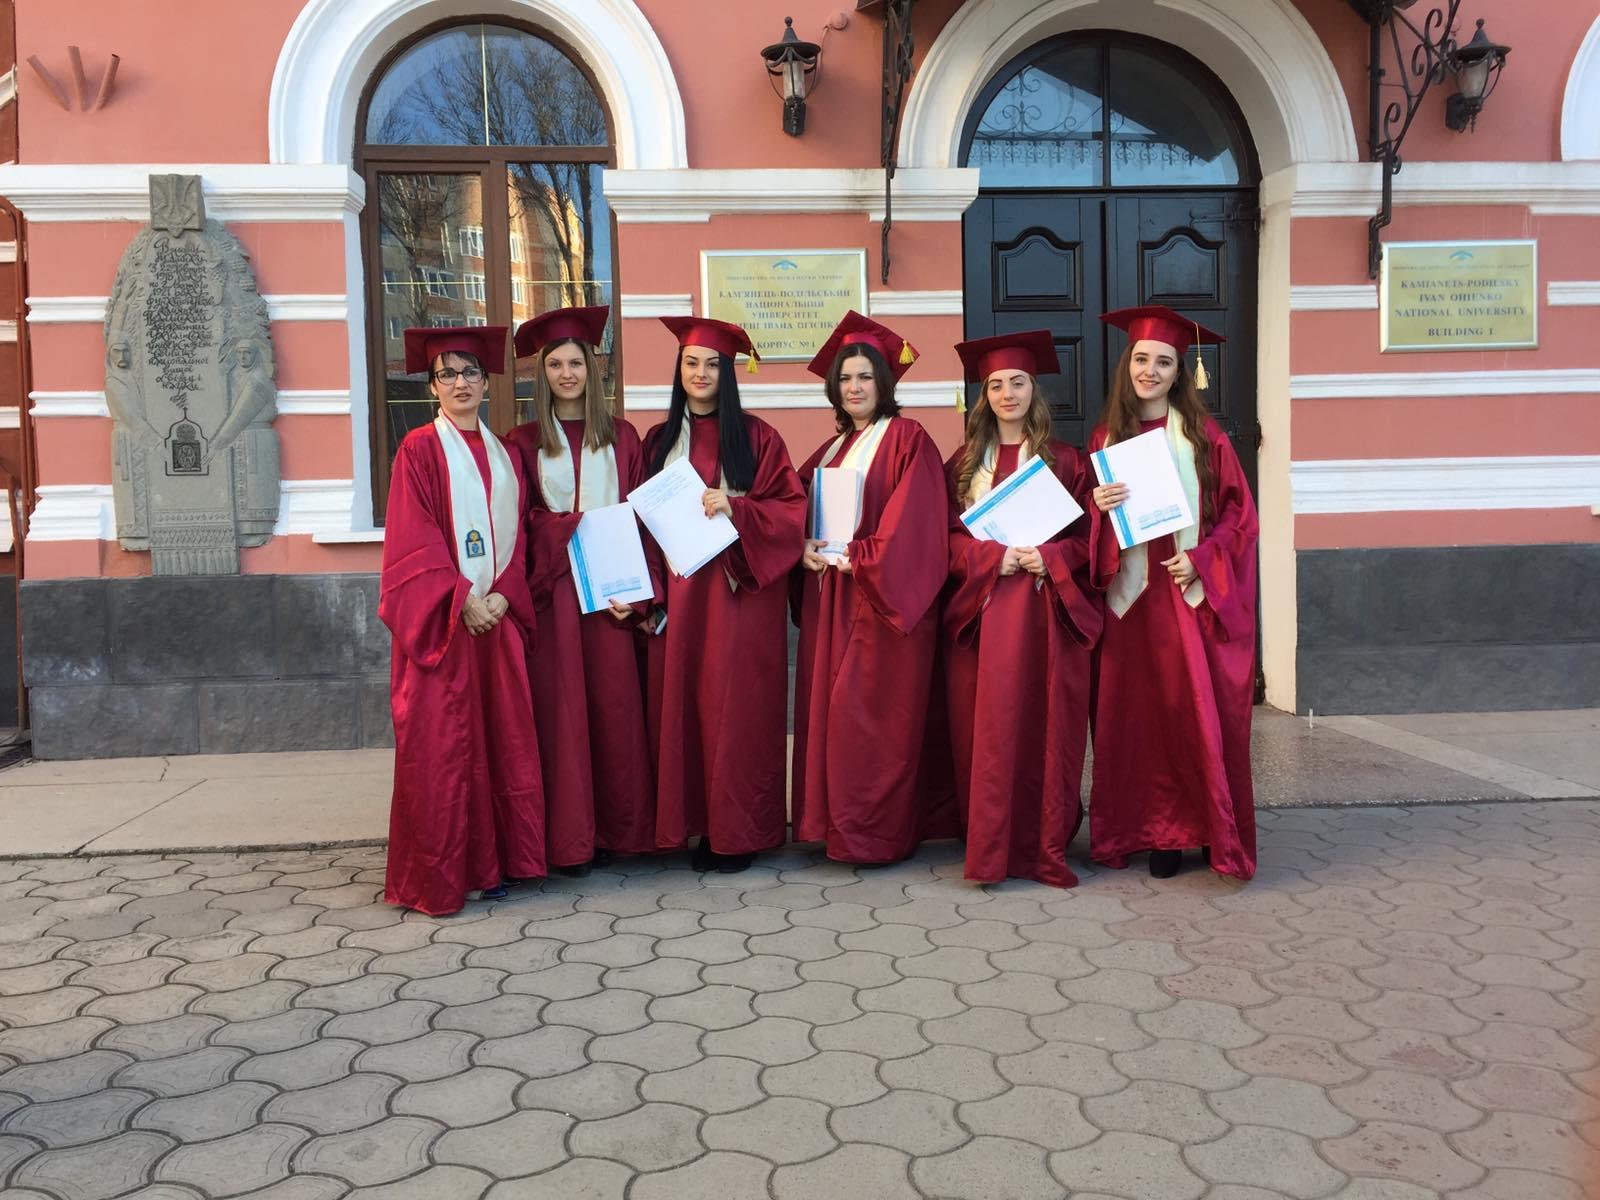 24 січня 2020 року відбувся випуск магістрантів стаціонарної та заочної форми навчання спеціальності 014 Середня освіта (Музичне мистецтво)